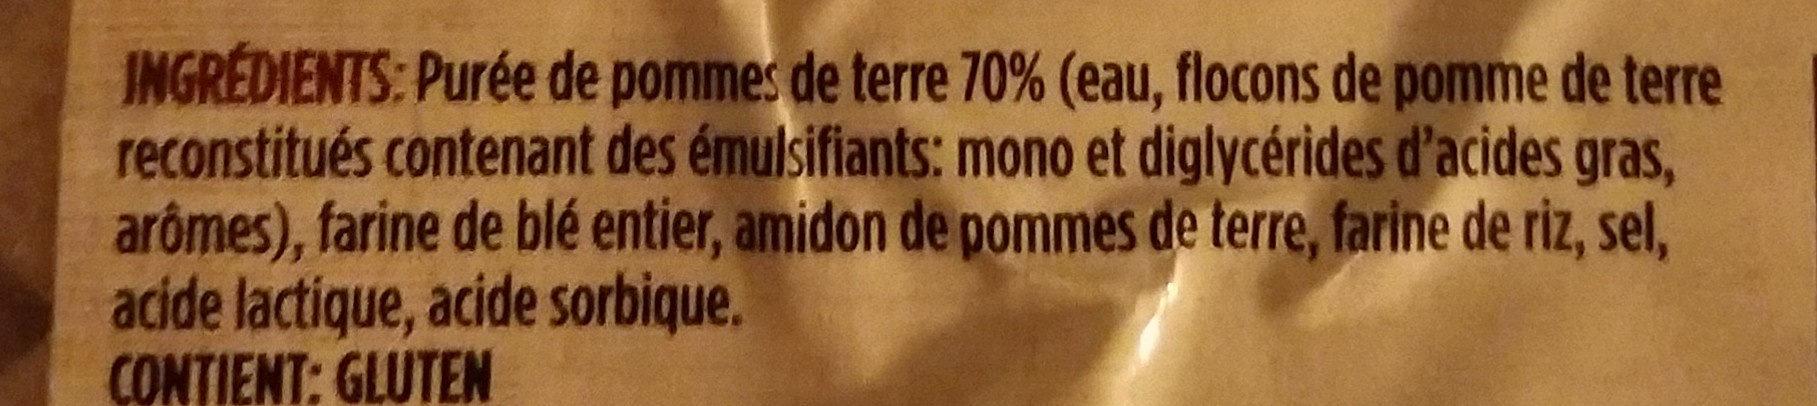 gnocchi de pommes de terre au blé entier - Ingrediënten - fr